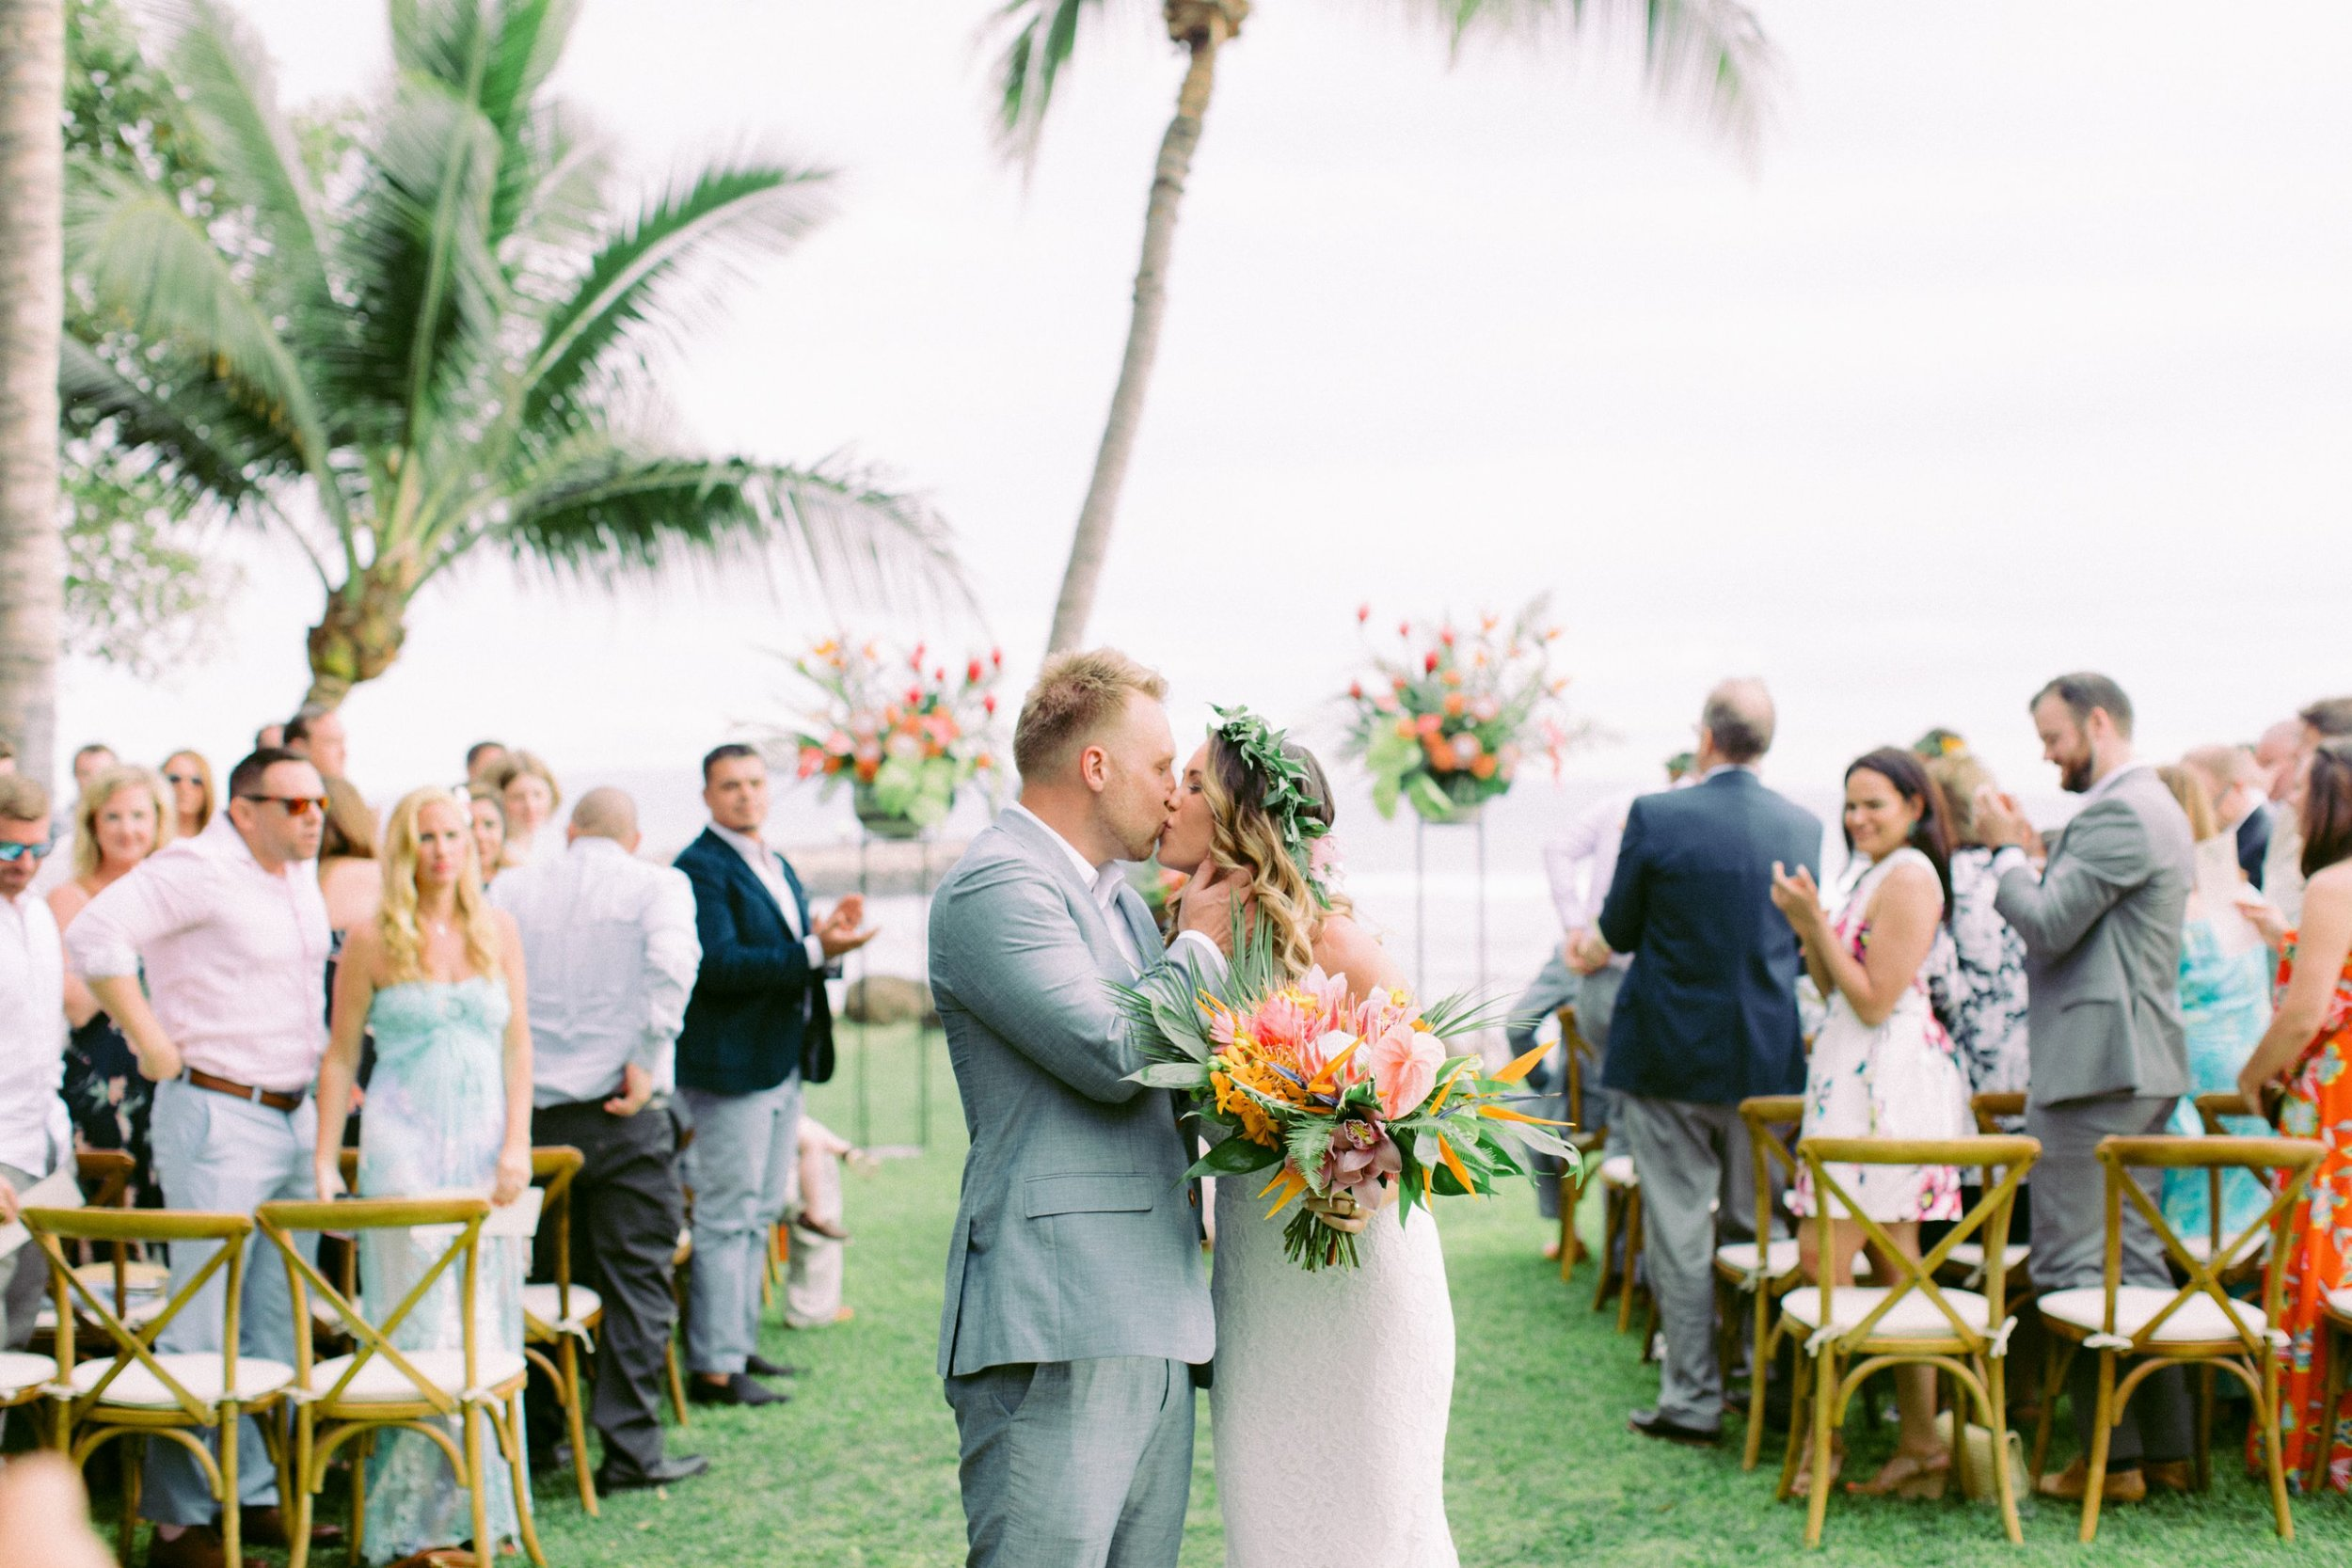 Chris-J-Evans-maui-wedding-JA2172.jpg